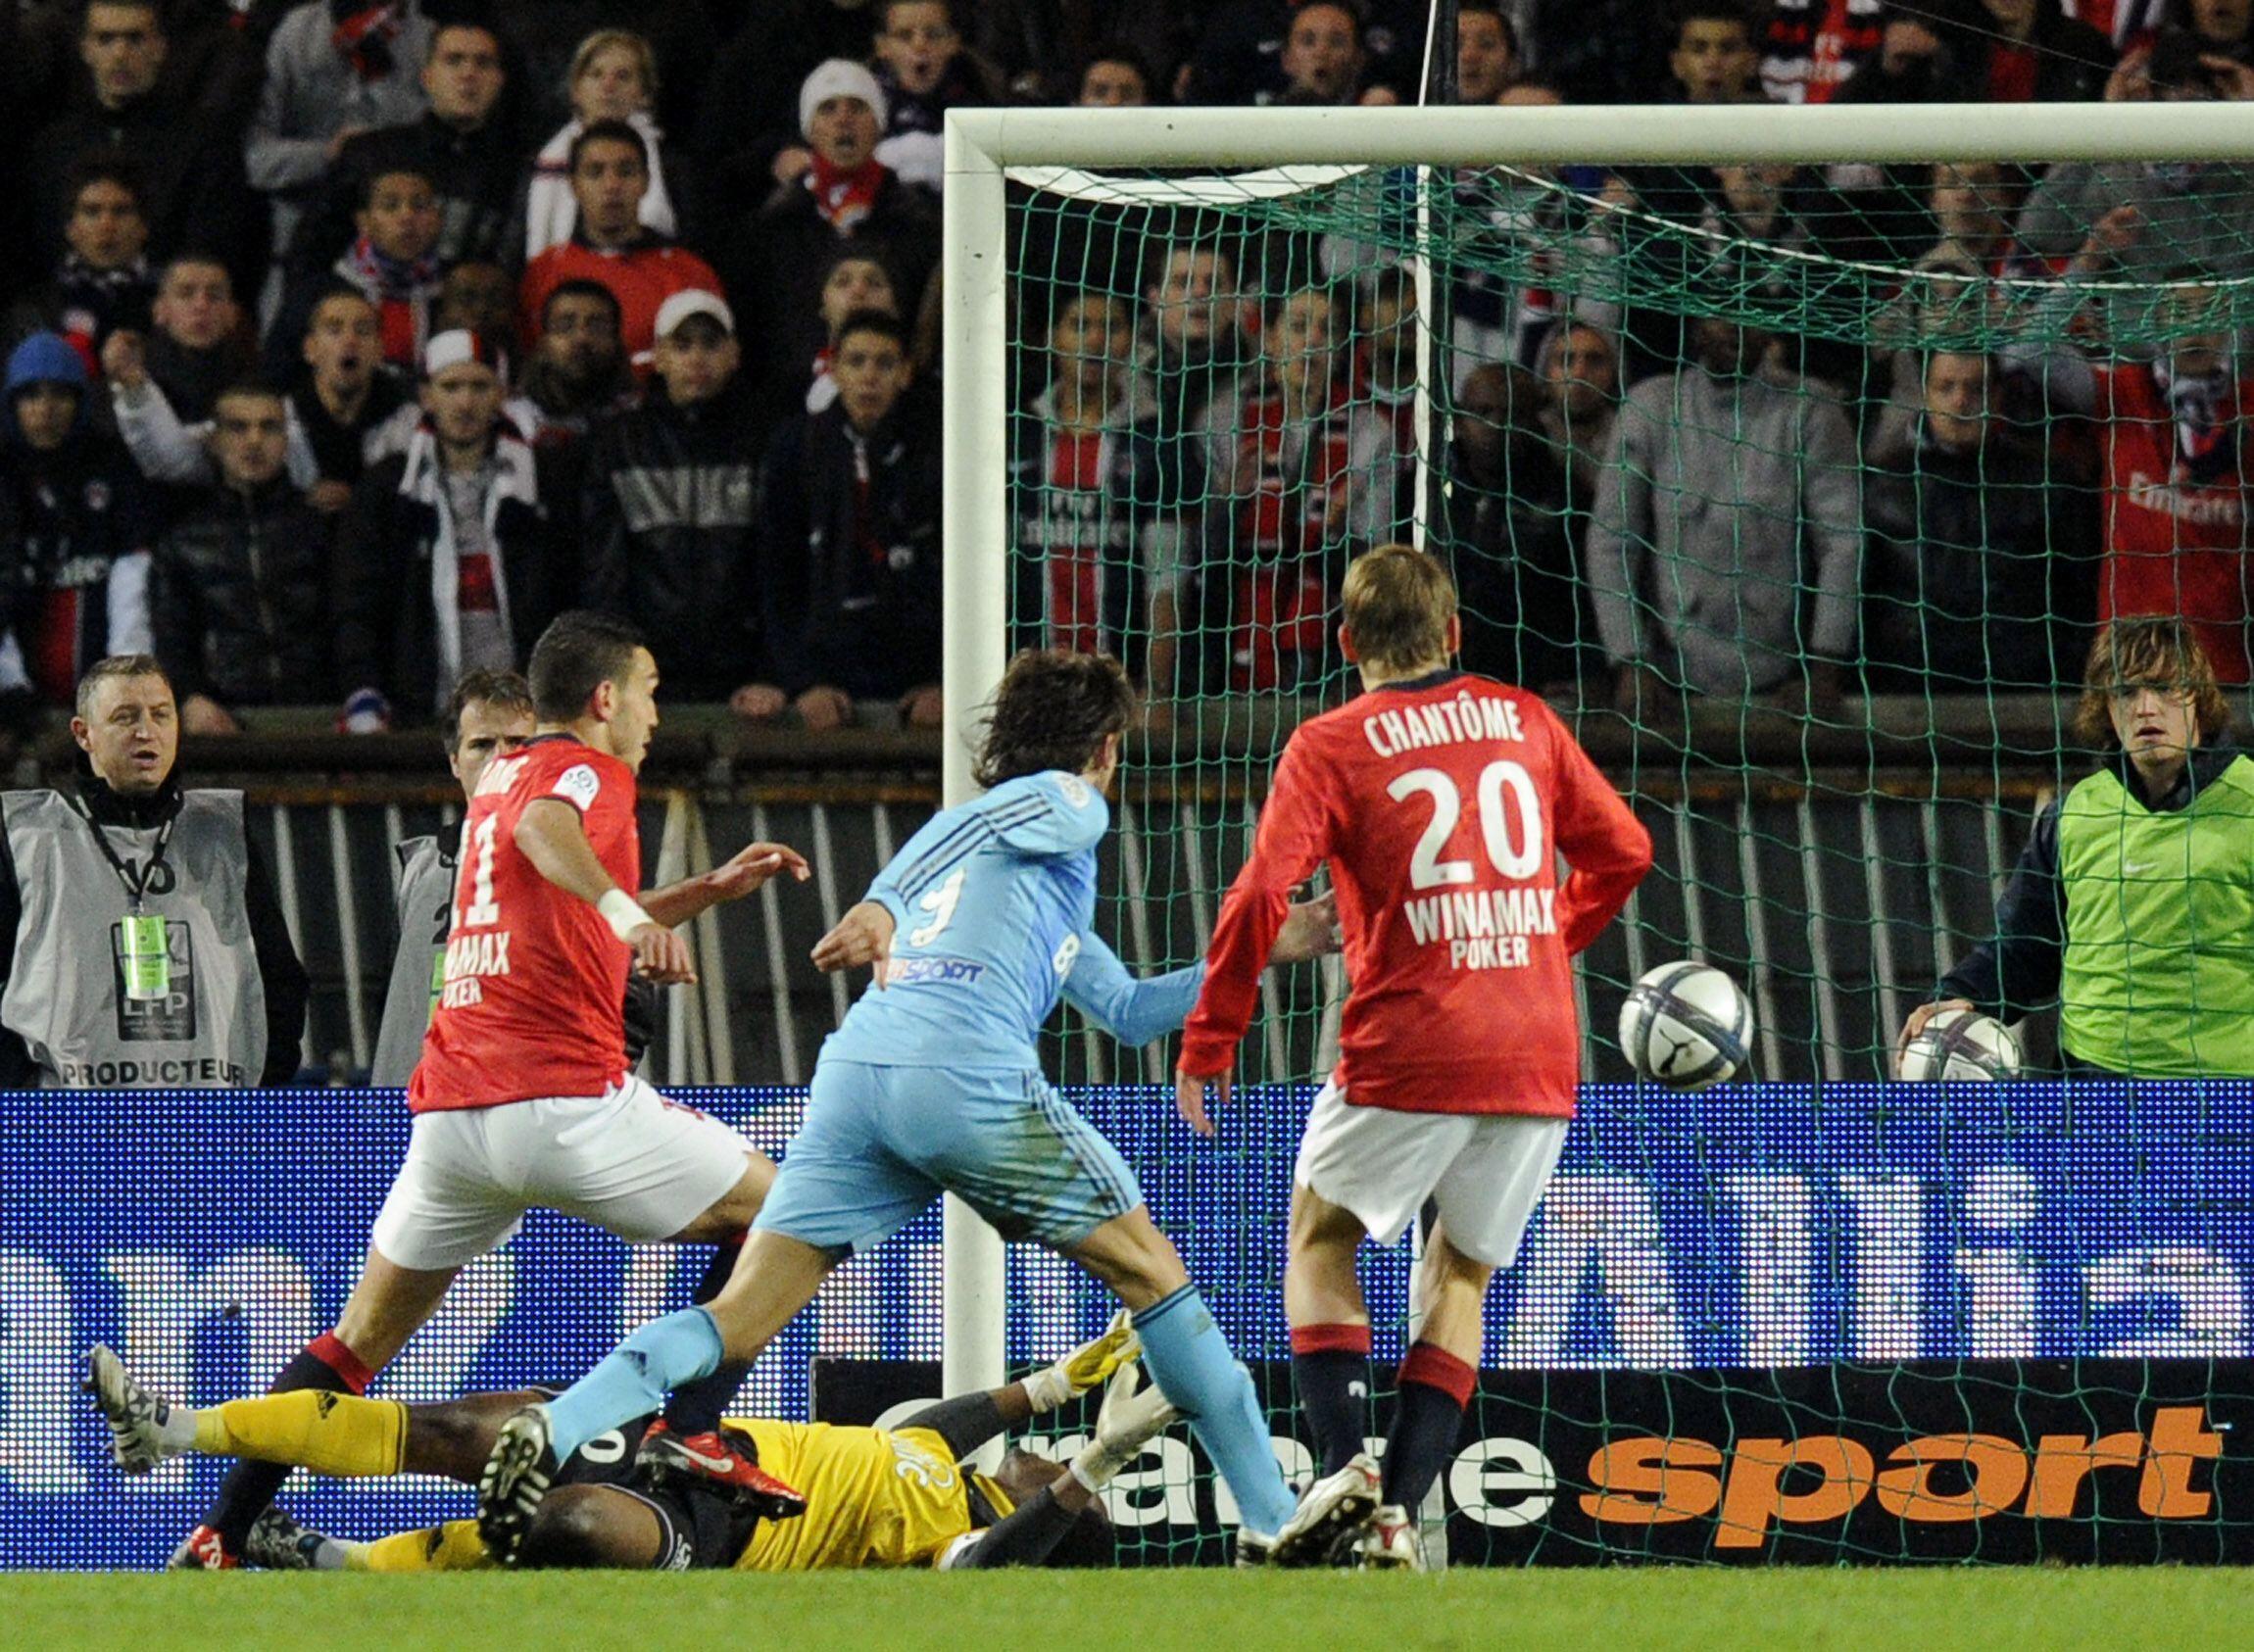 Vitória do PSG, o paris Saint Germain contra o Olympique de Marselha, por dois a um.